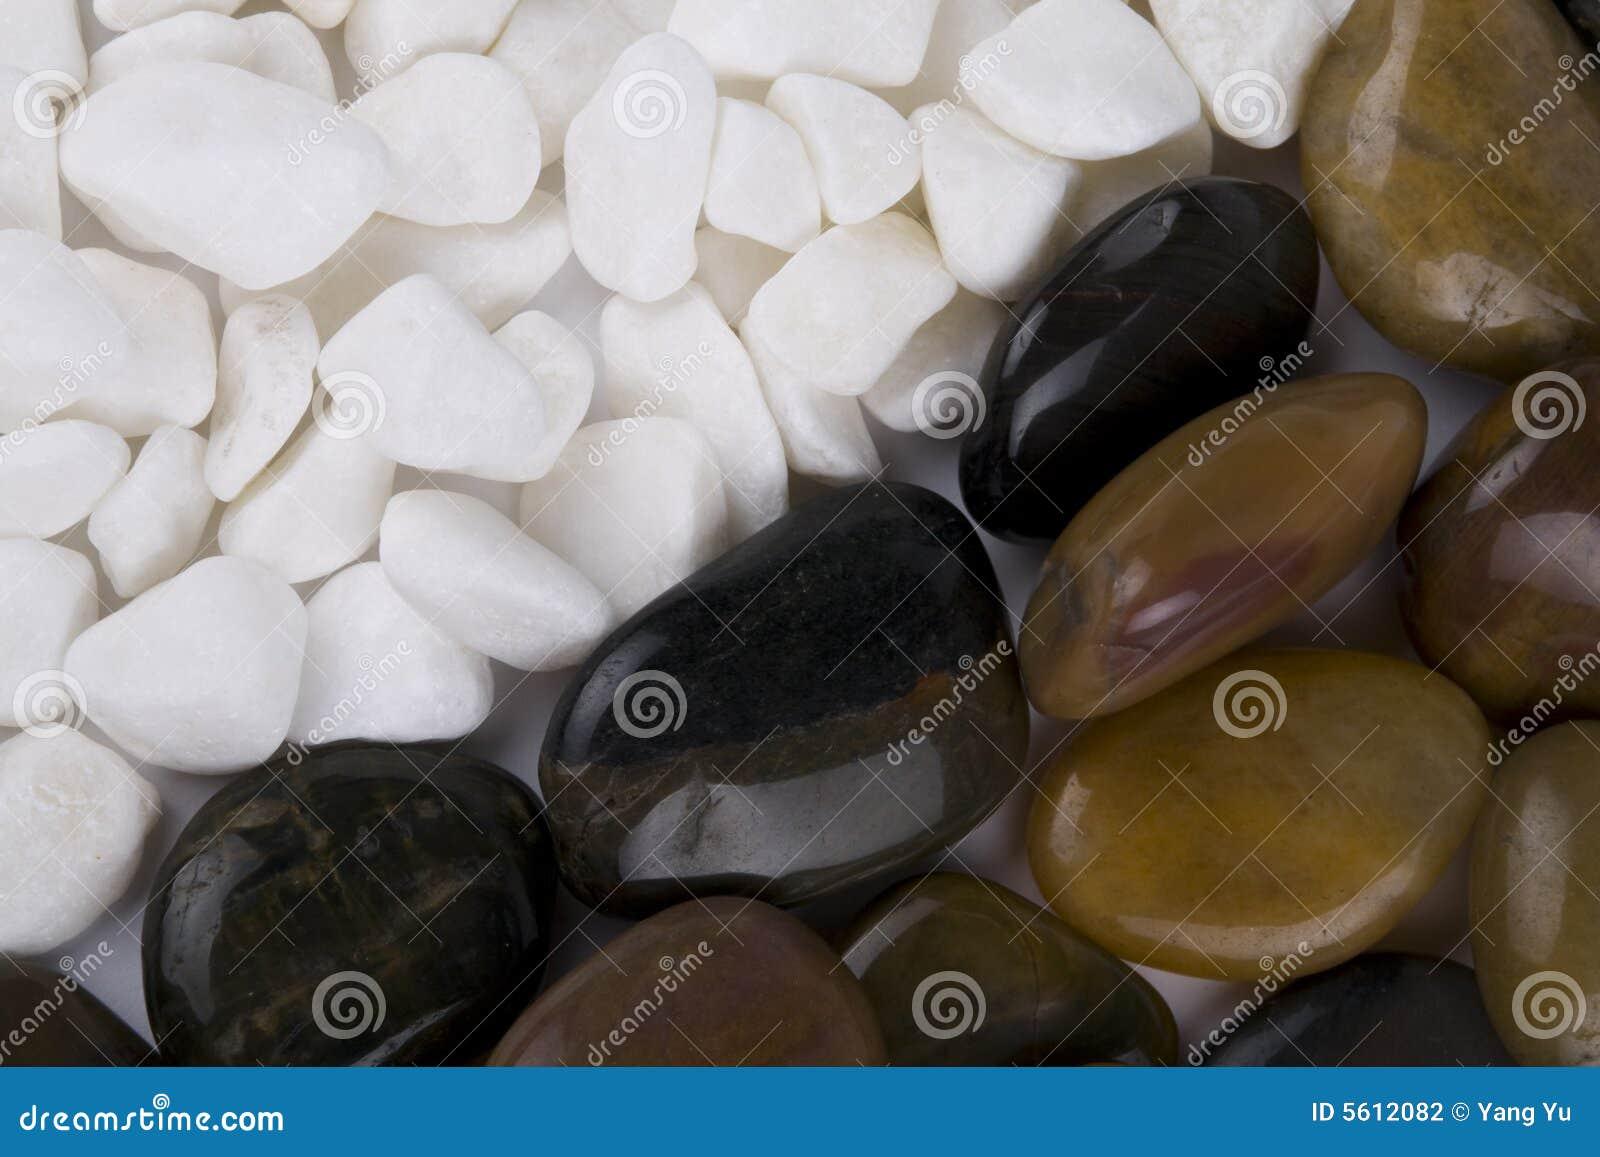 Ciottoli bianchi rocce lucidate fotografia stock for Ciottoli bianchi